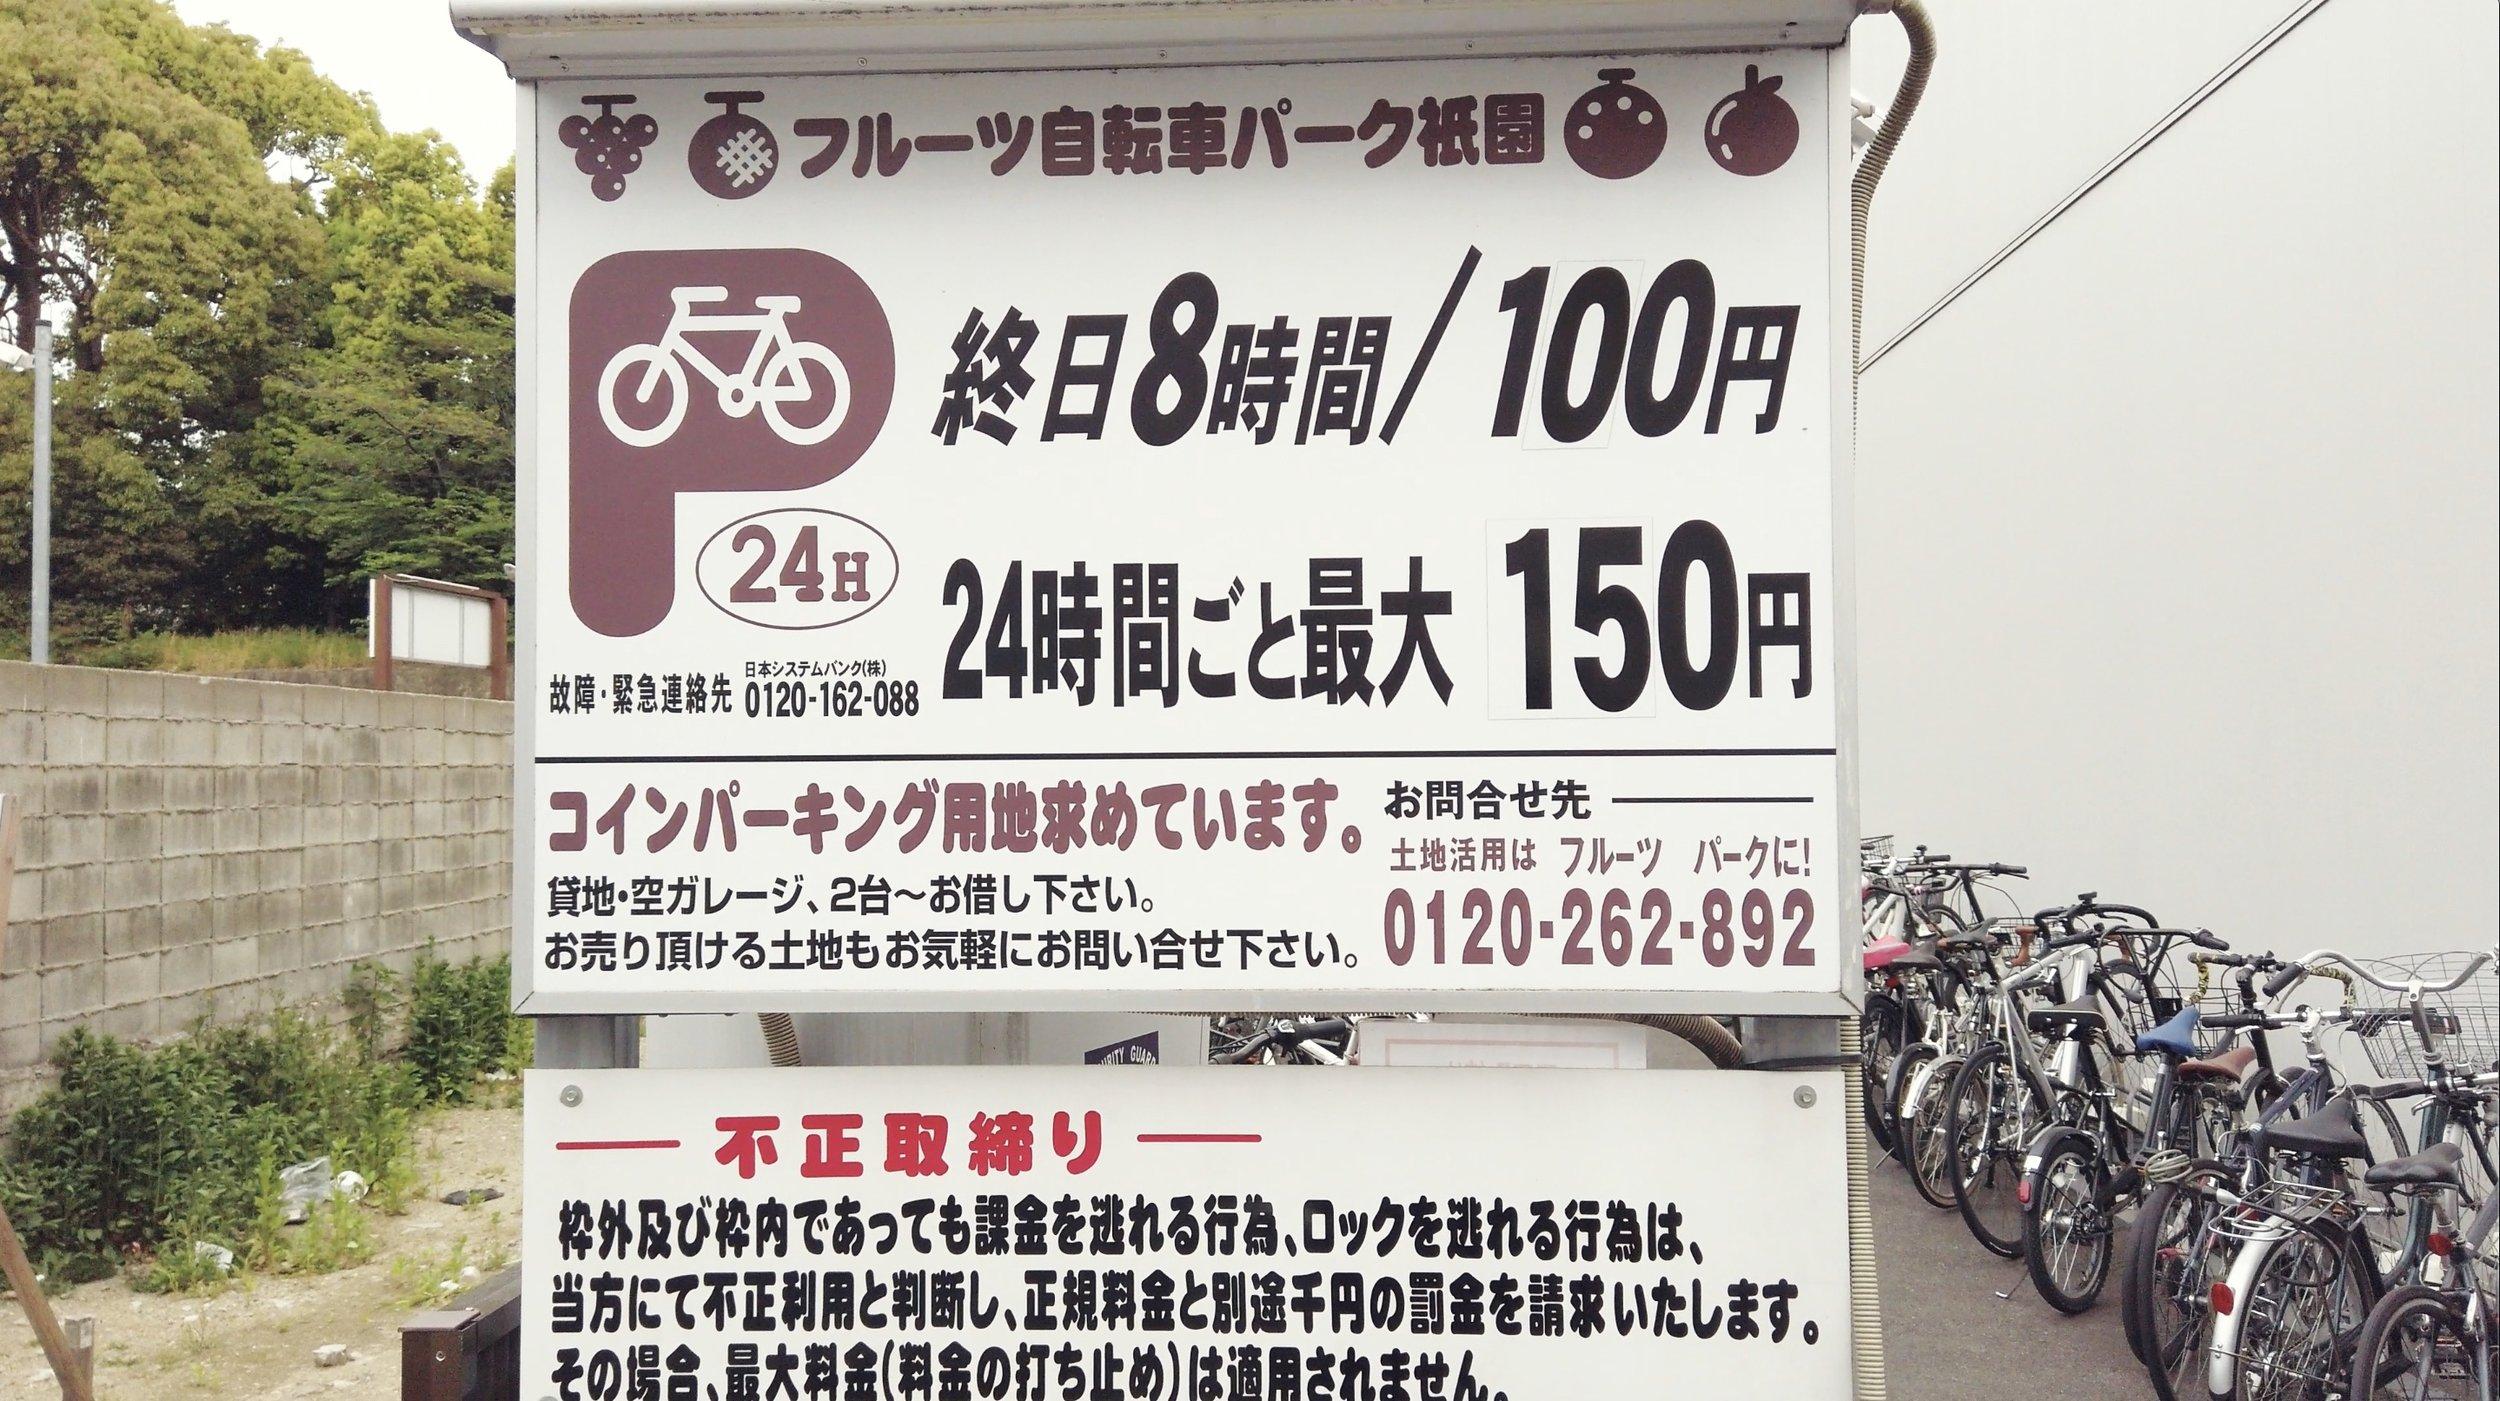 Bike Parks in Kyoto.